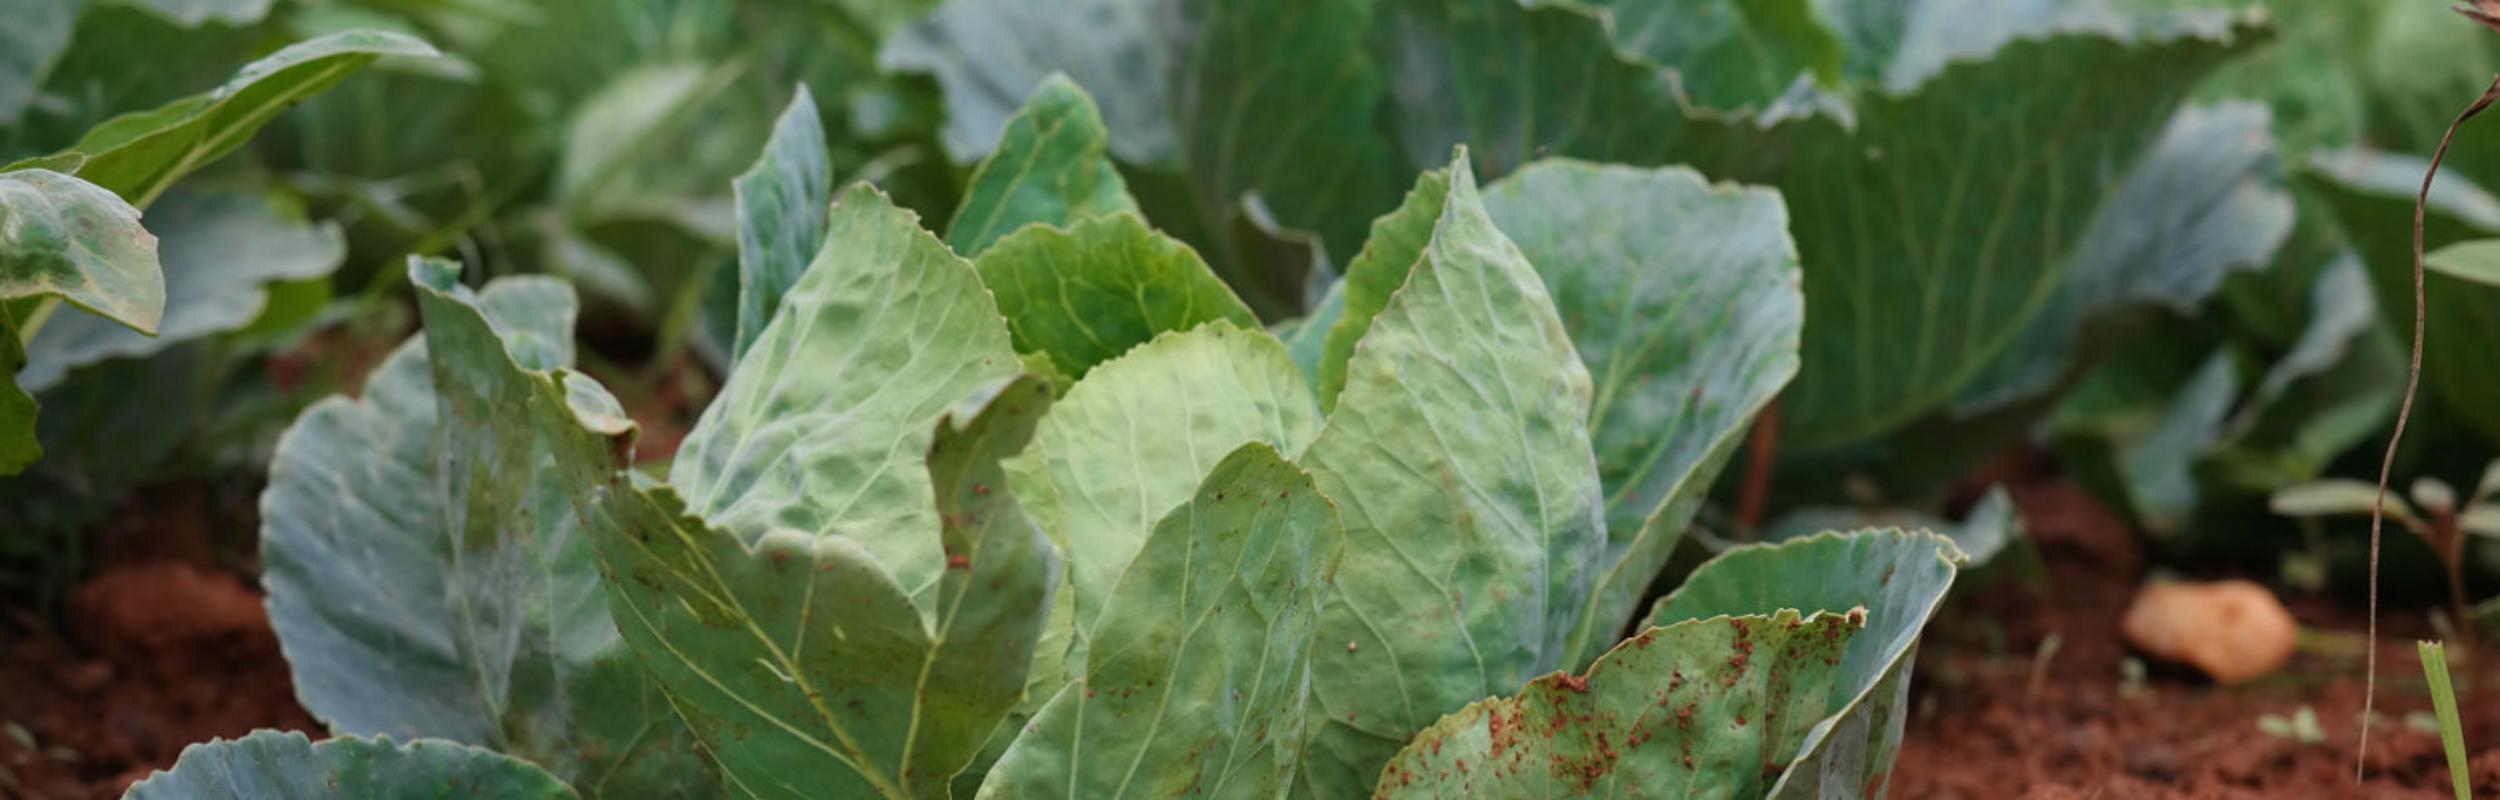 kale in Rwanda